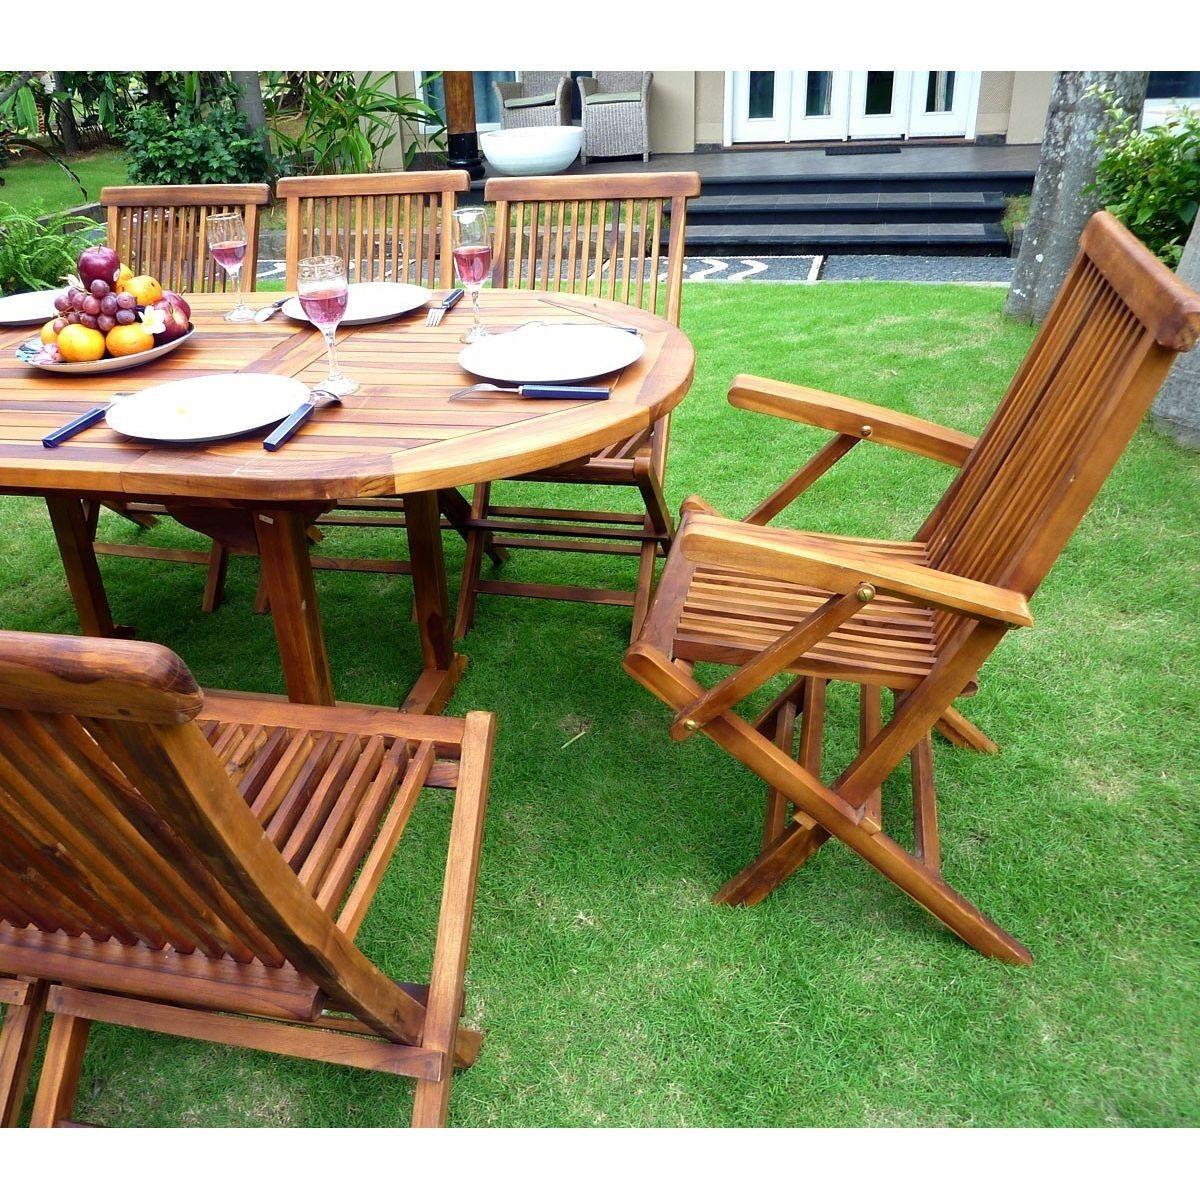 Salon De Jardin Bali En Teck Huilé - 8 Places - Taille : 8 ... avec Tonnelle De Jardin Auchan